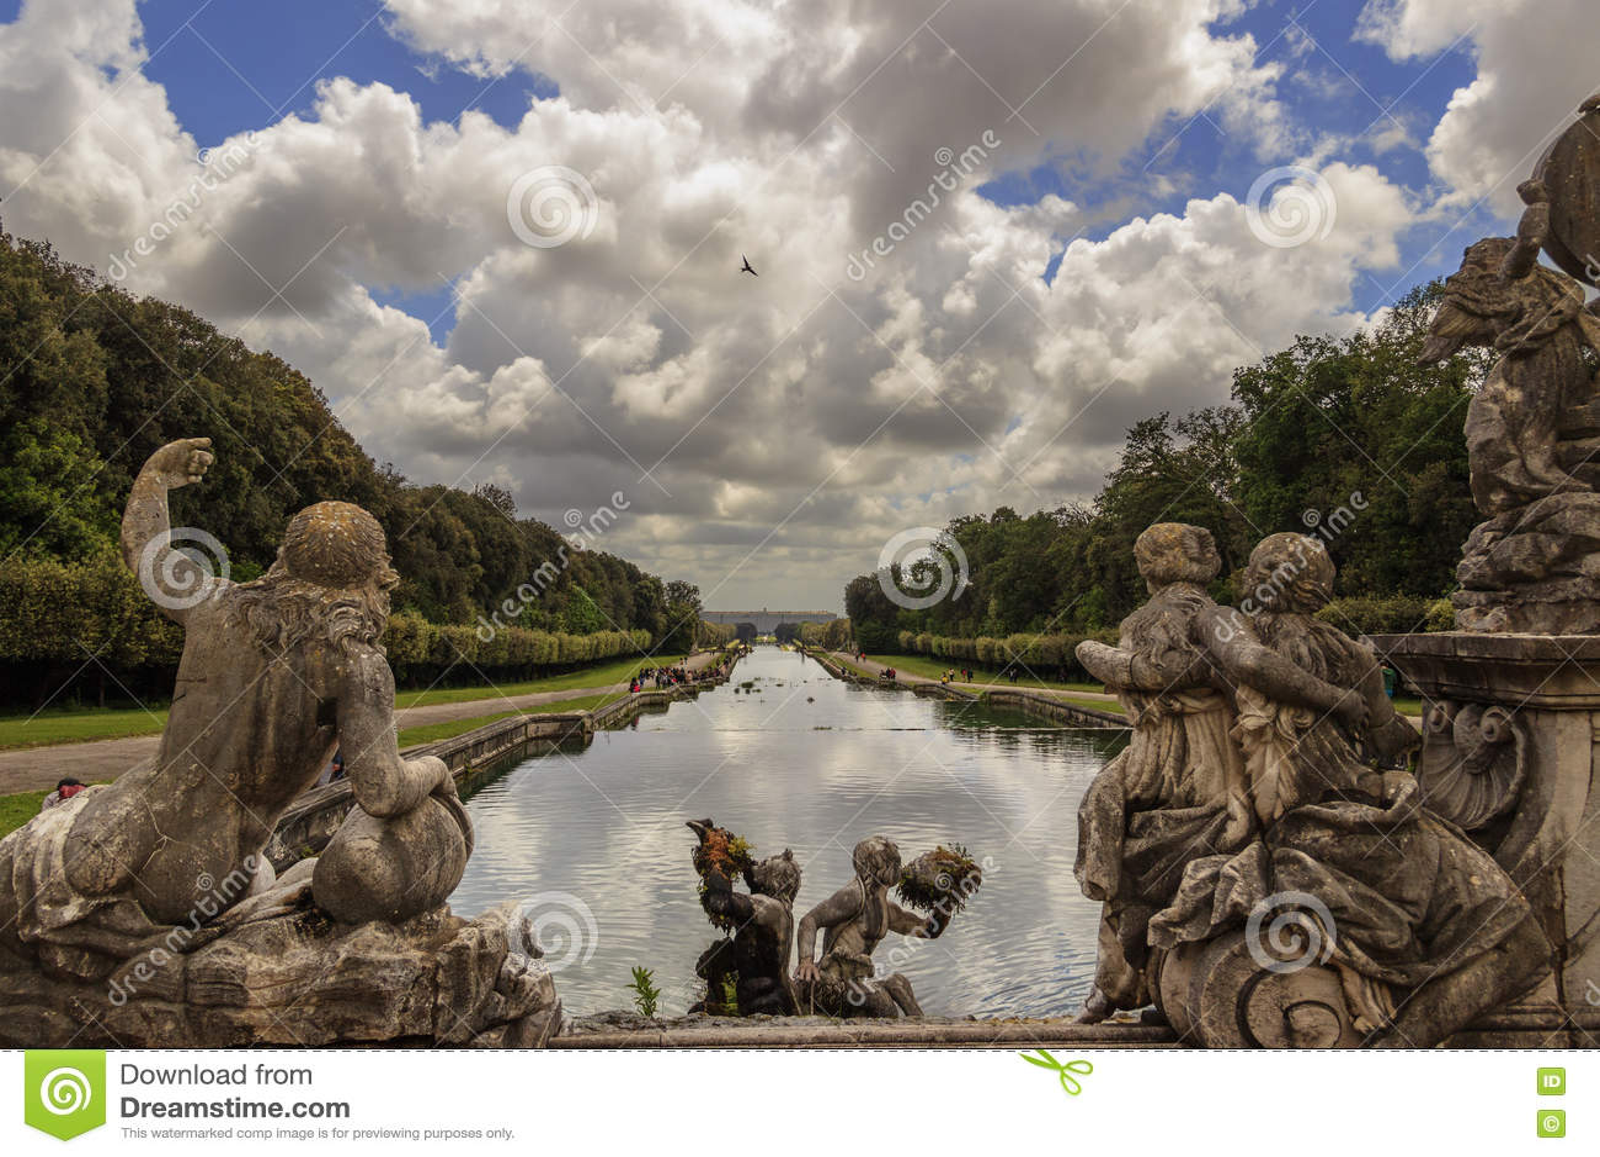 Caserta Palace Royal Garden,Italy (Campania).